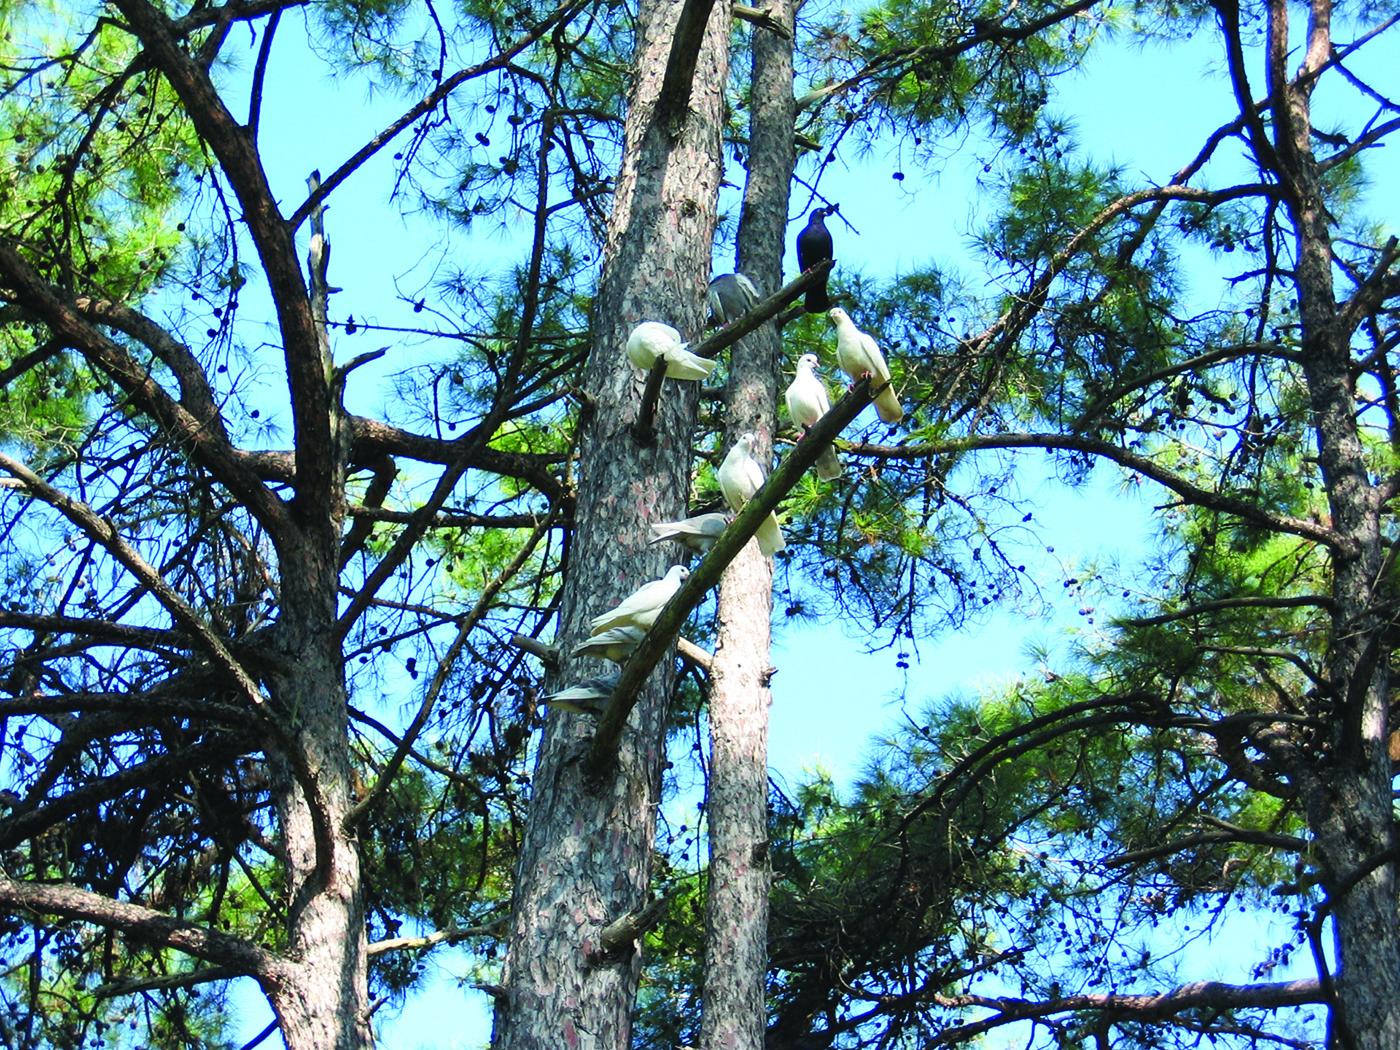 Kuşların Senfonisi, Gökova, Bodrum, Ekim 2006